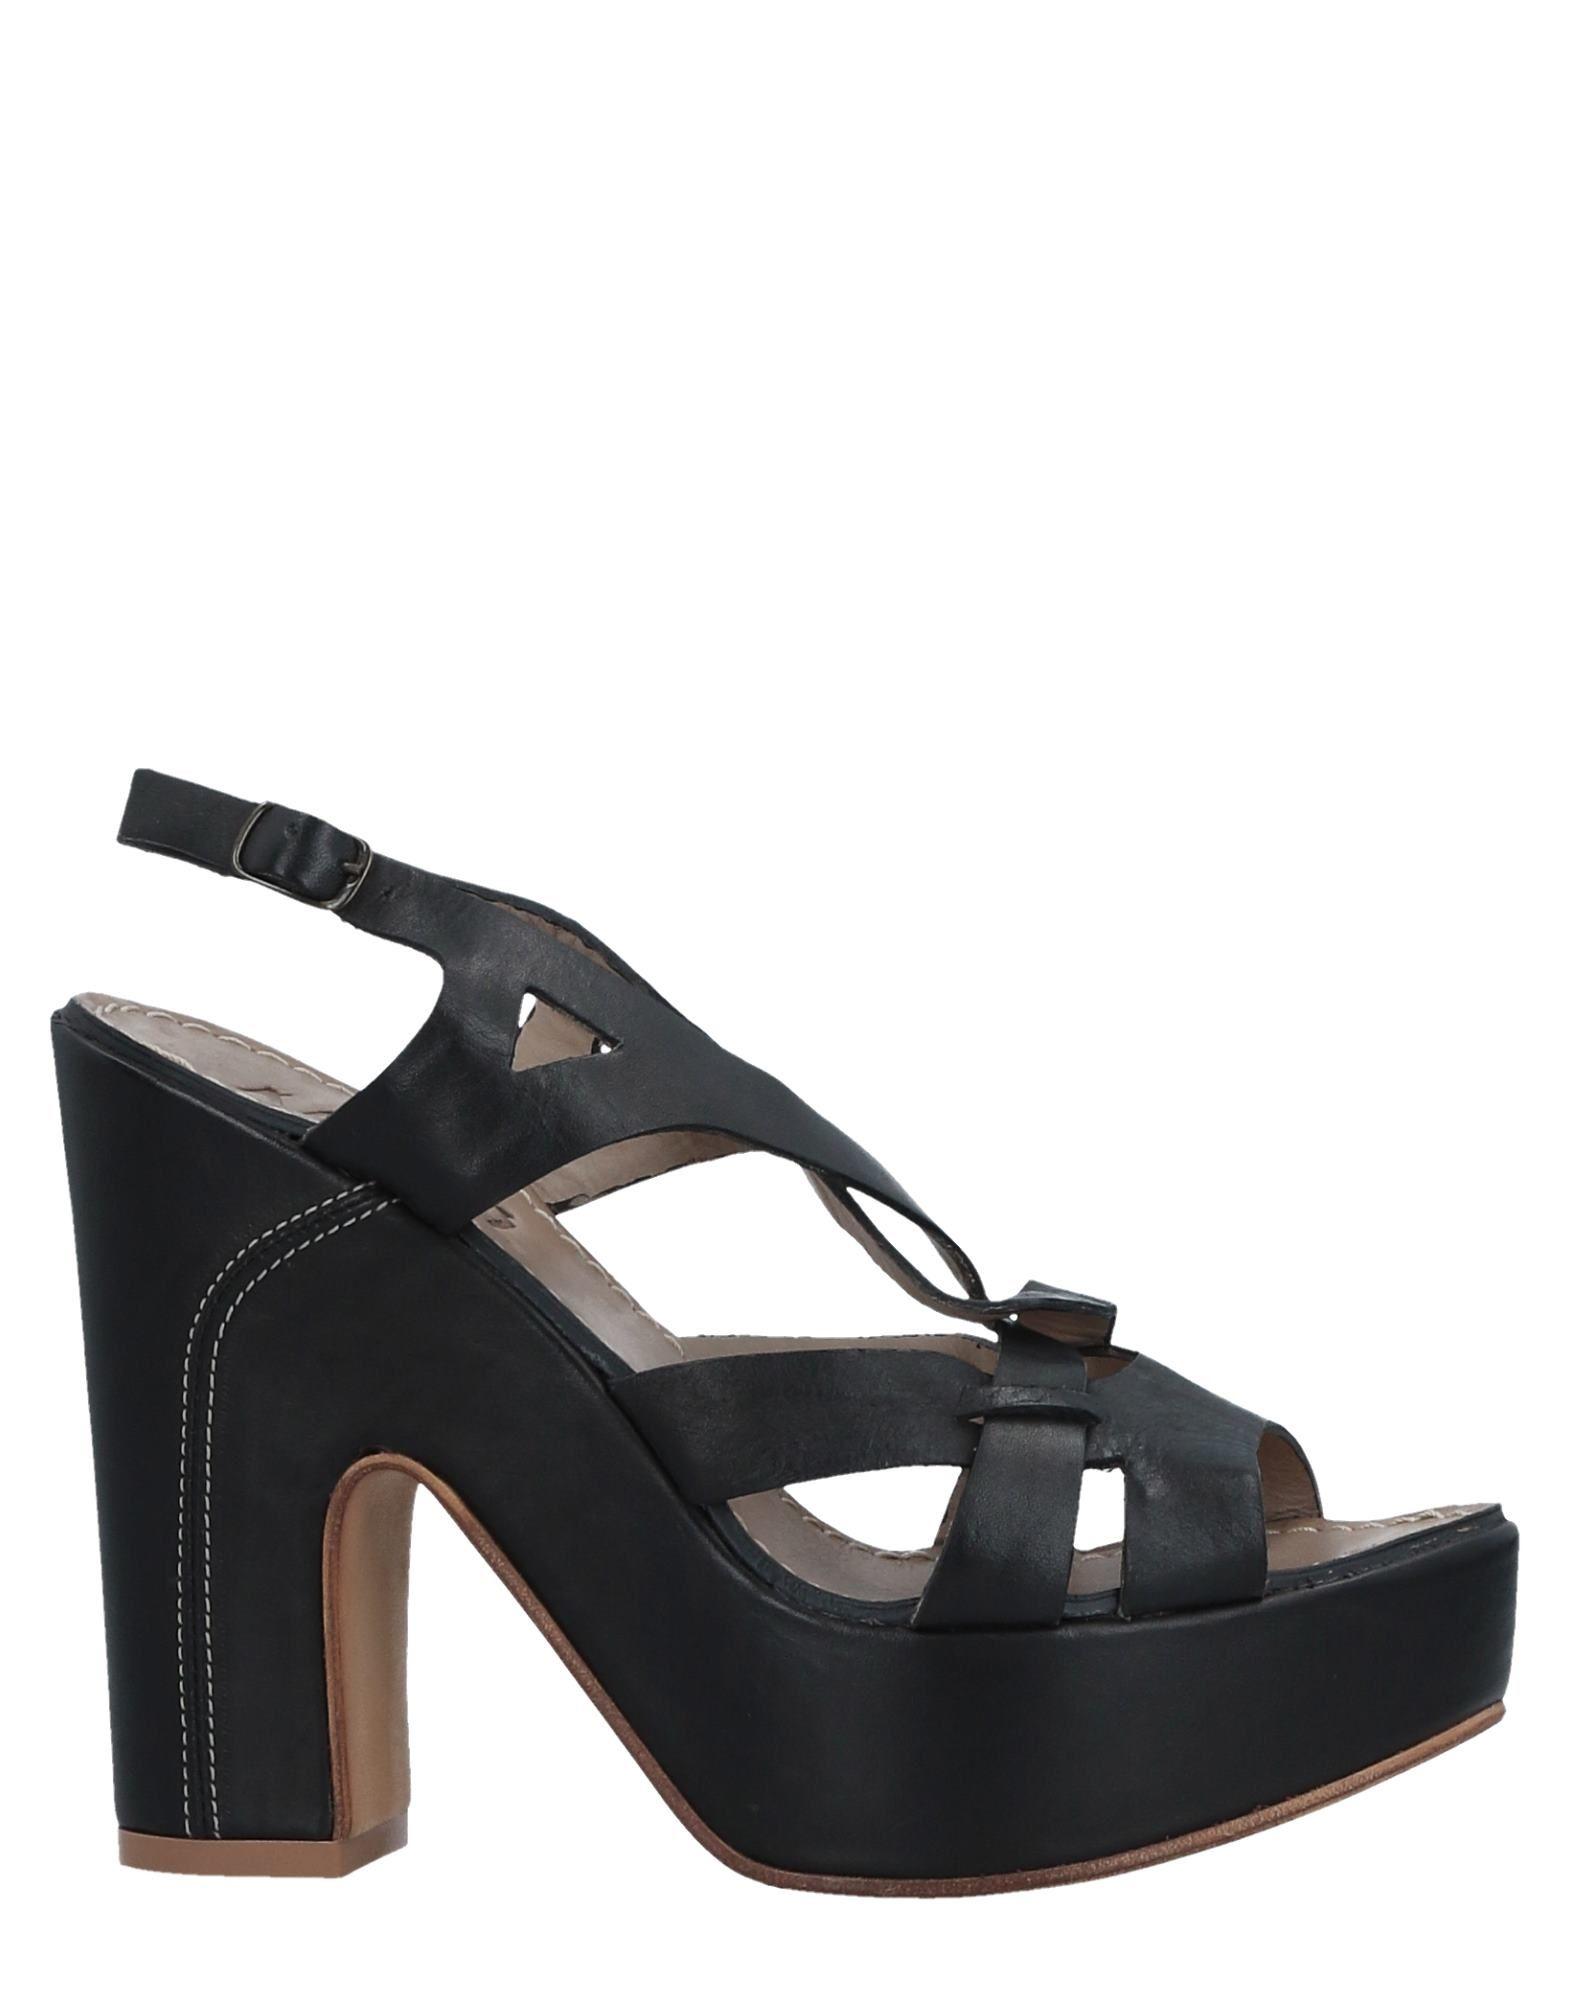 Noa A. Sandalen Damen  11523036HQ Gute Qualität beliebte Schuhe